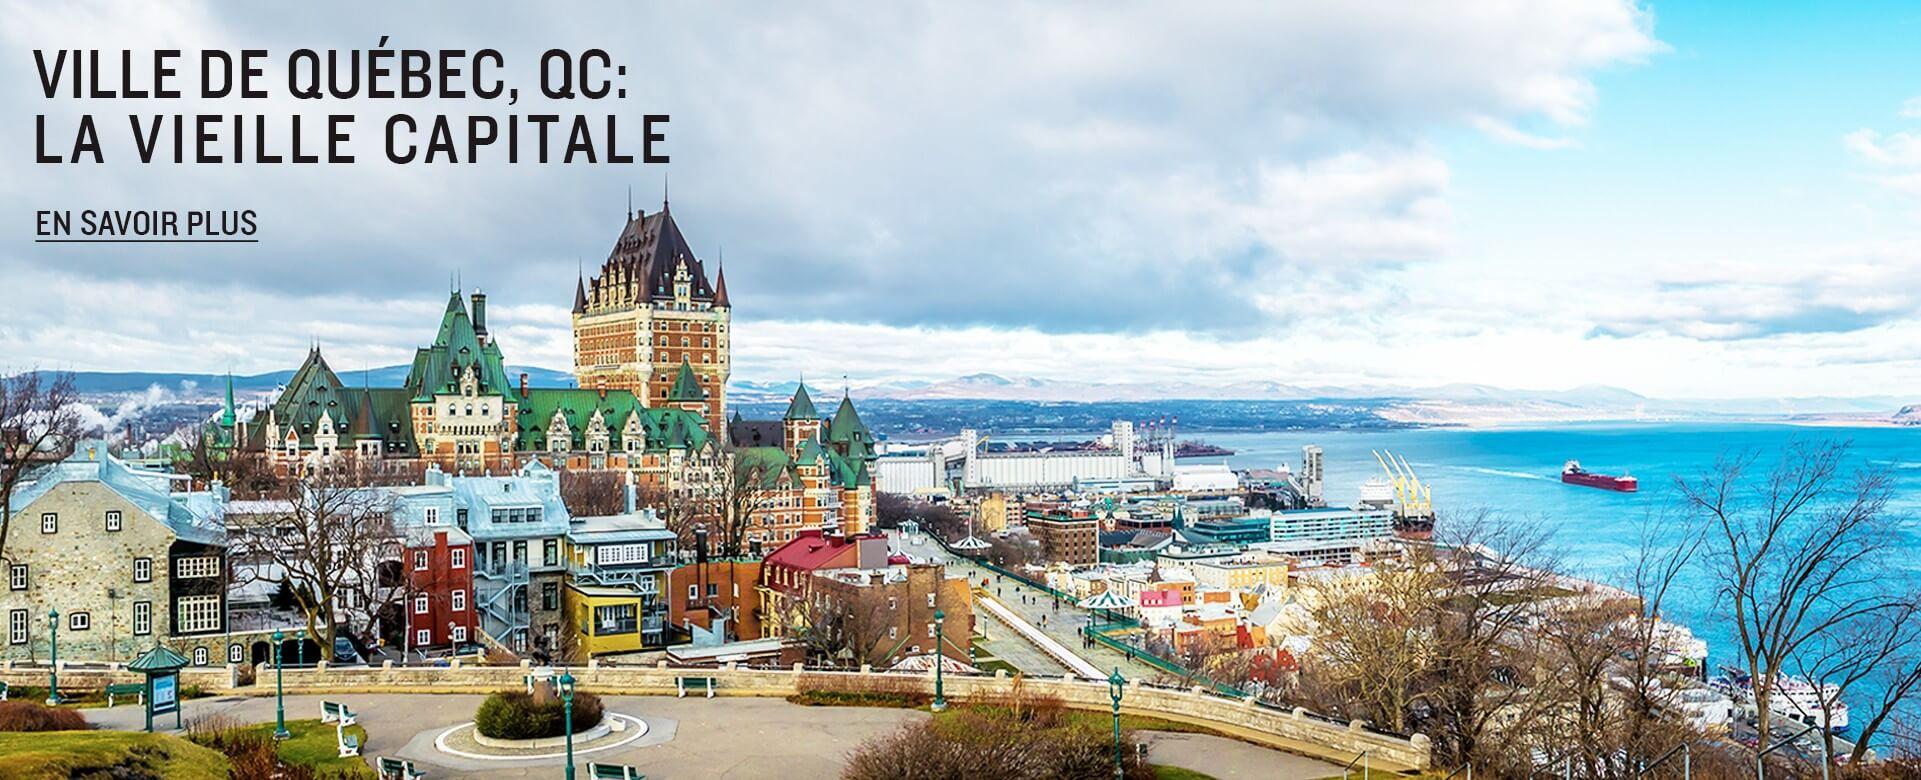 Ville de Québec, QC: La Vieille Capitale